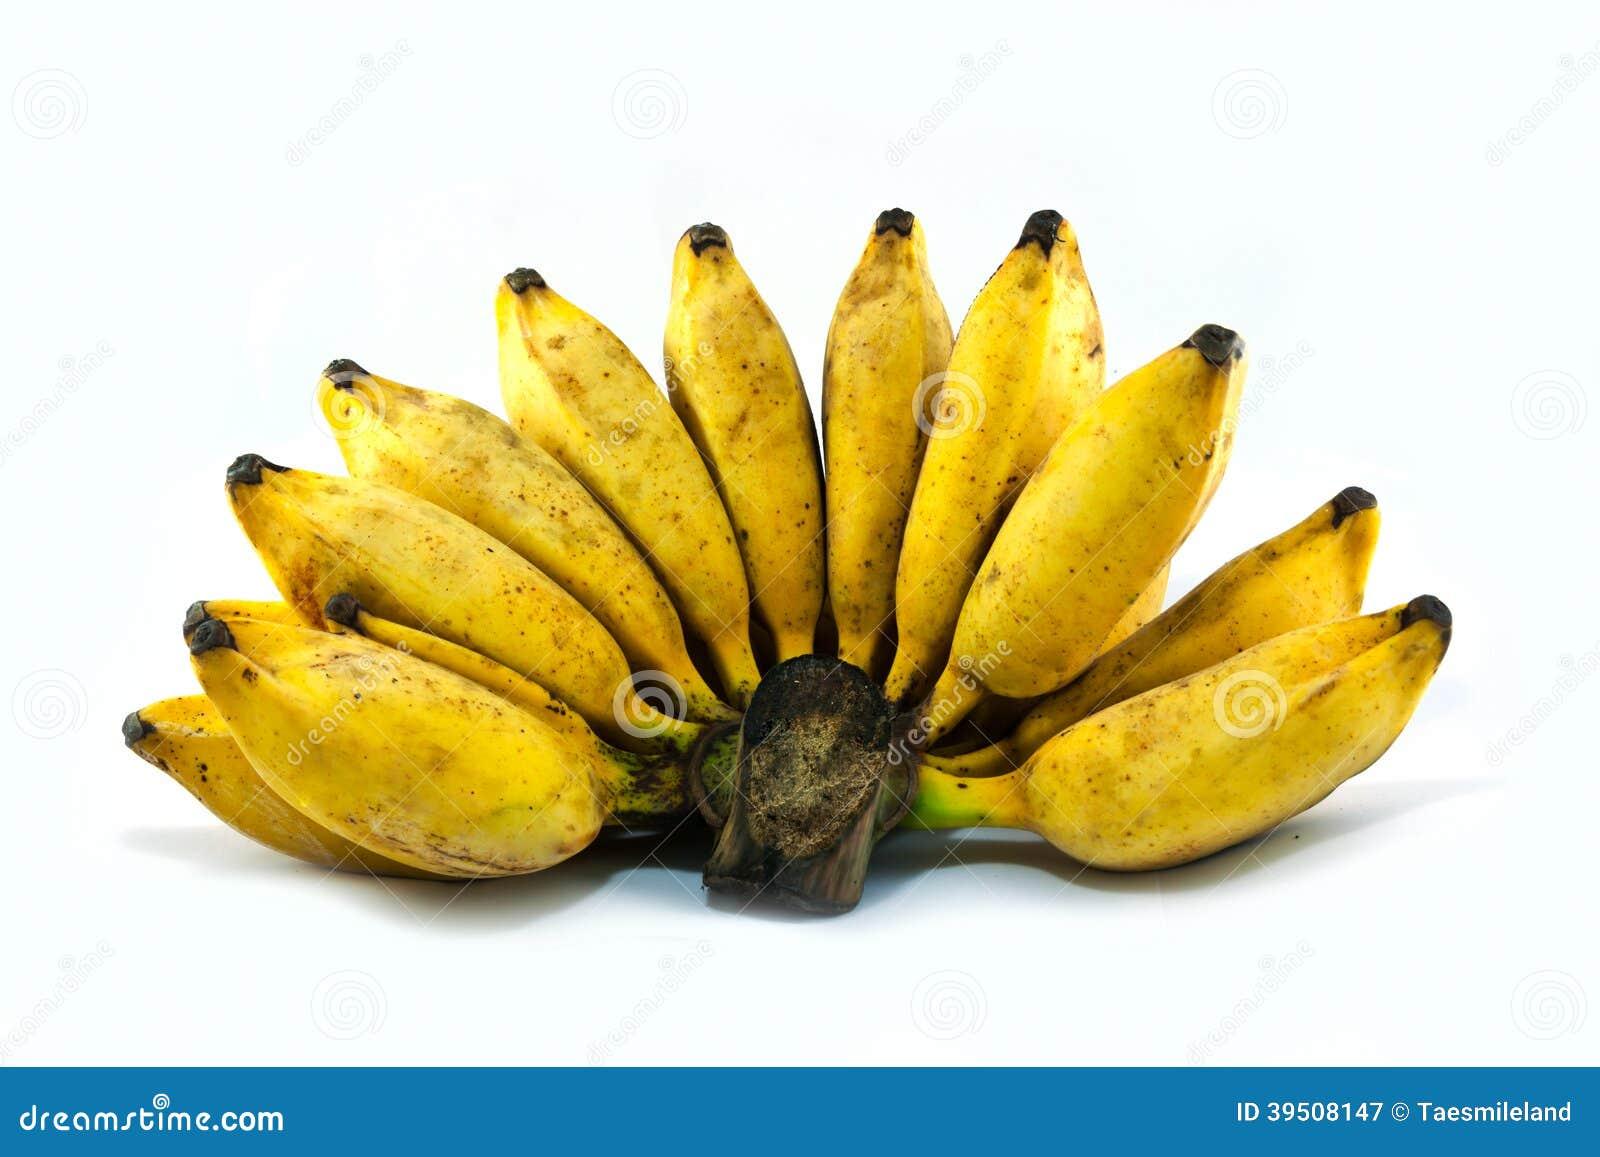 Bunch of overripe Bananas